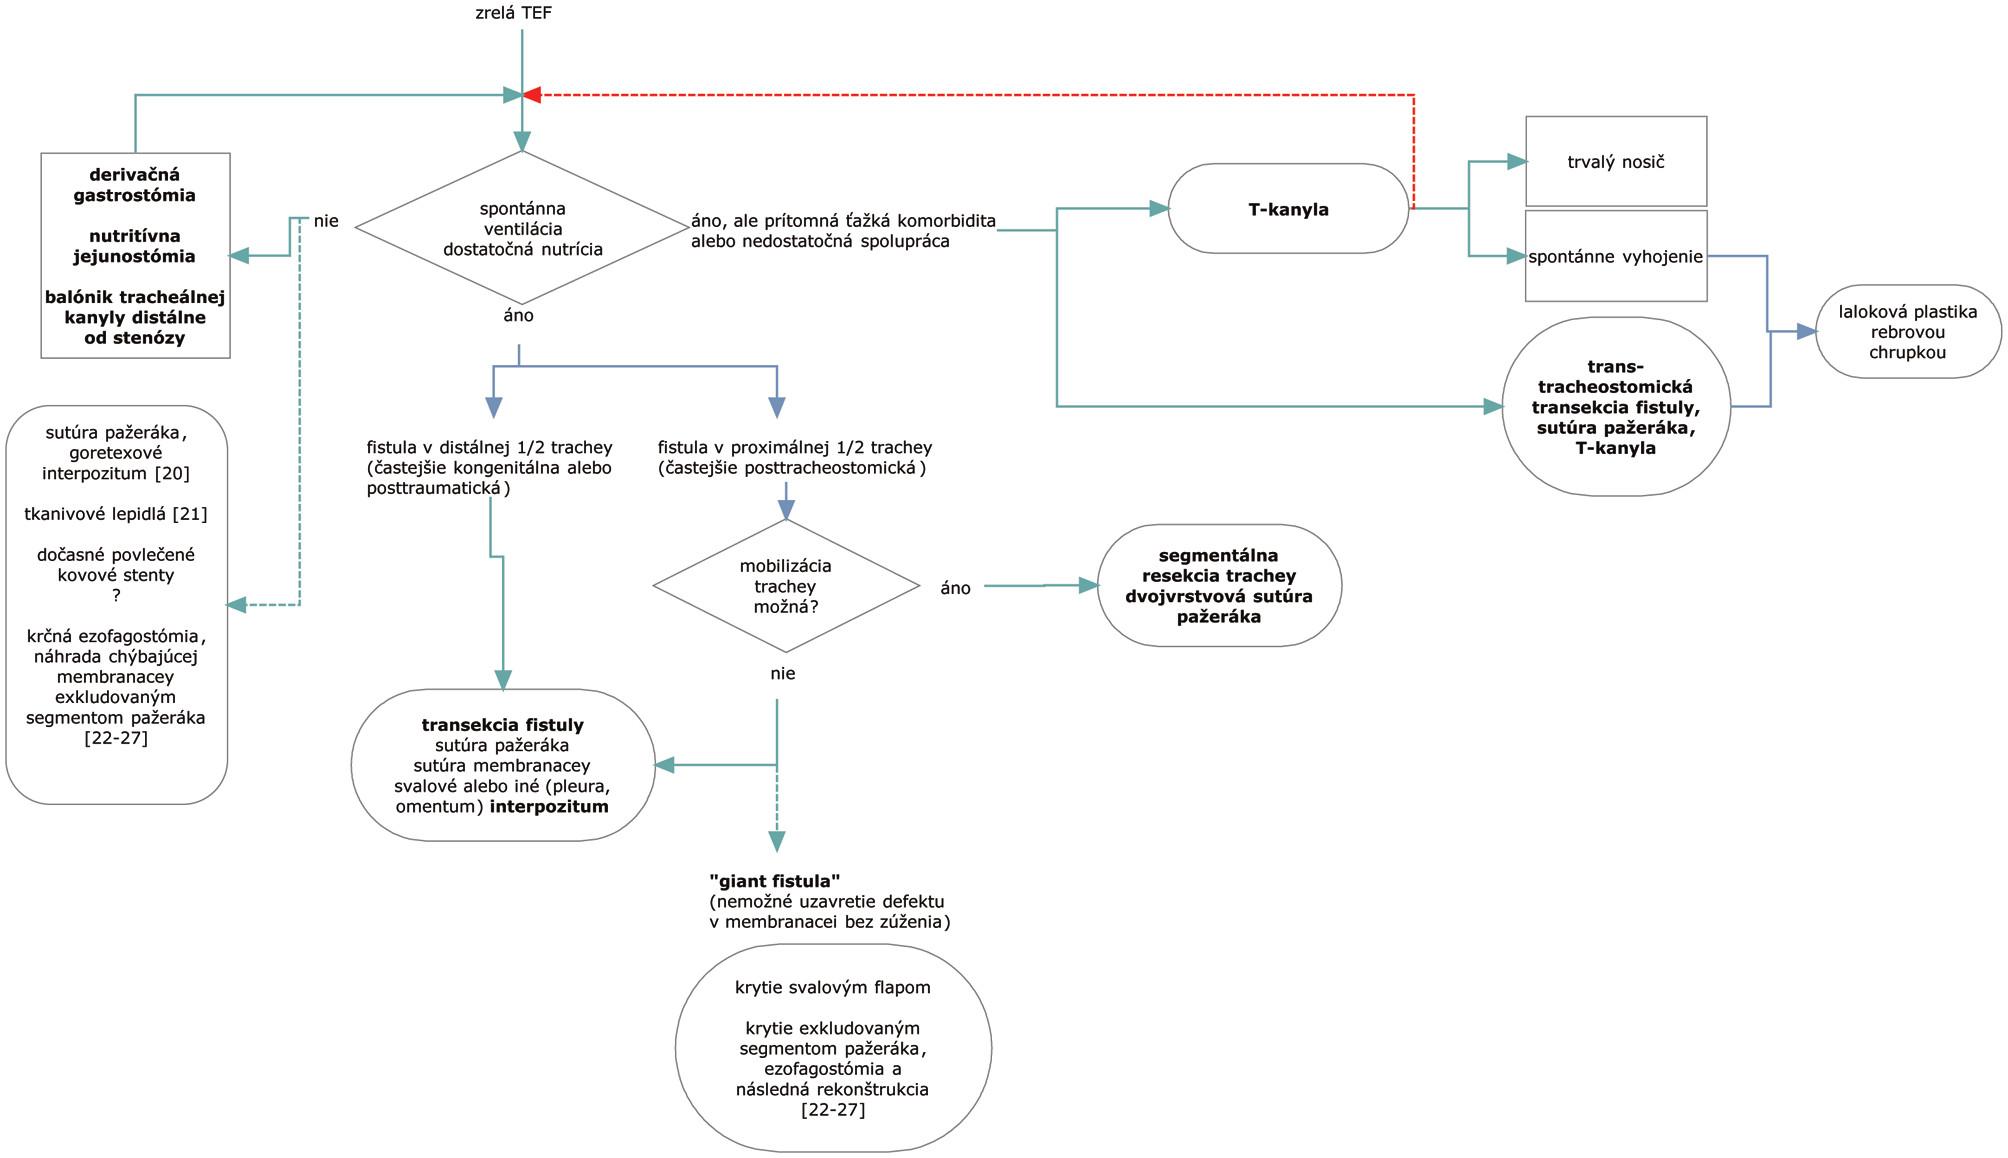 Algoritmus riešenia tracheoezofageálnej fistuly a možnosti alternatívnej liečby. Prerušované čiary predstavujú alternatívne postupy. Fig. 1. Algorithm of the tracheoesophageal fistula management and alternative therapeutical options. The dashed lines represent alternative procedures